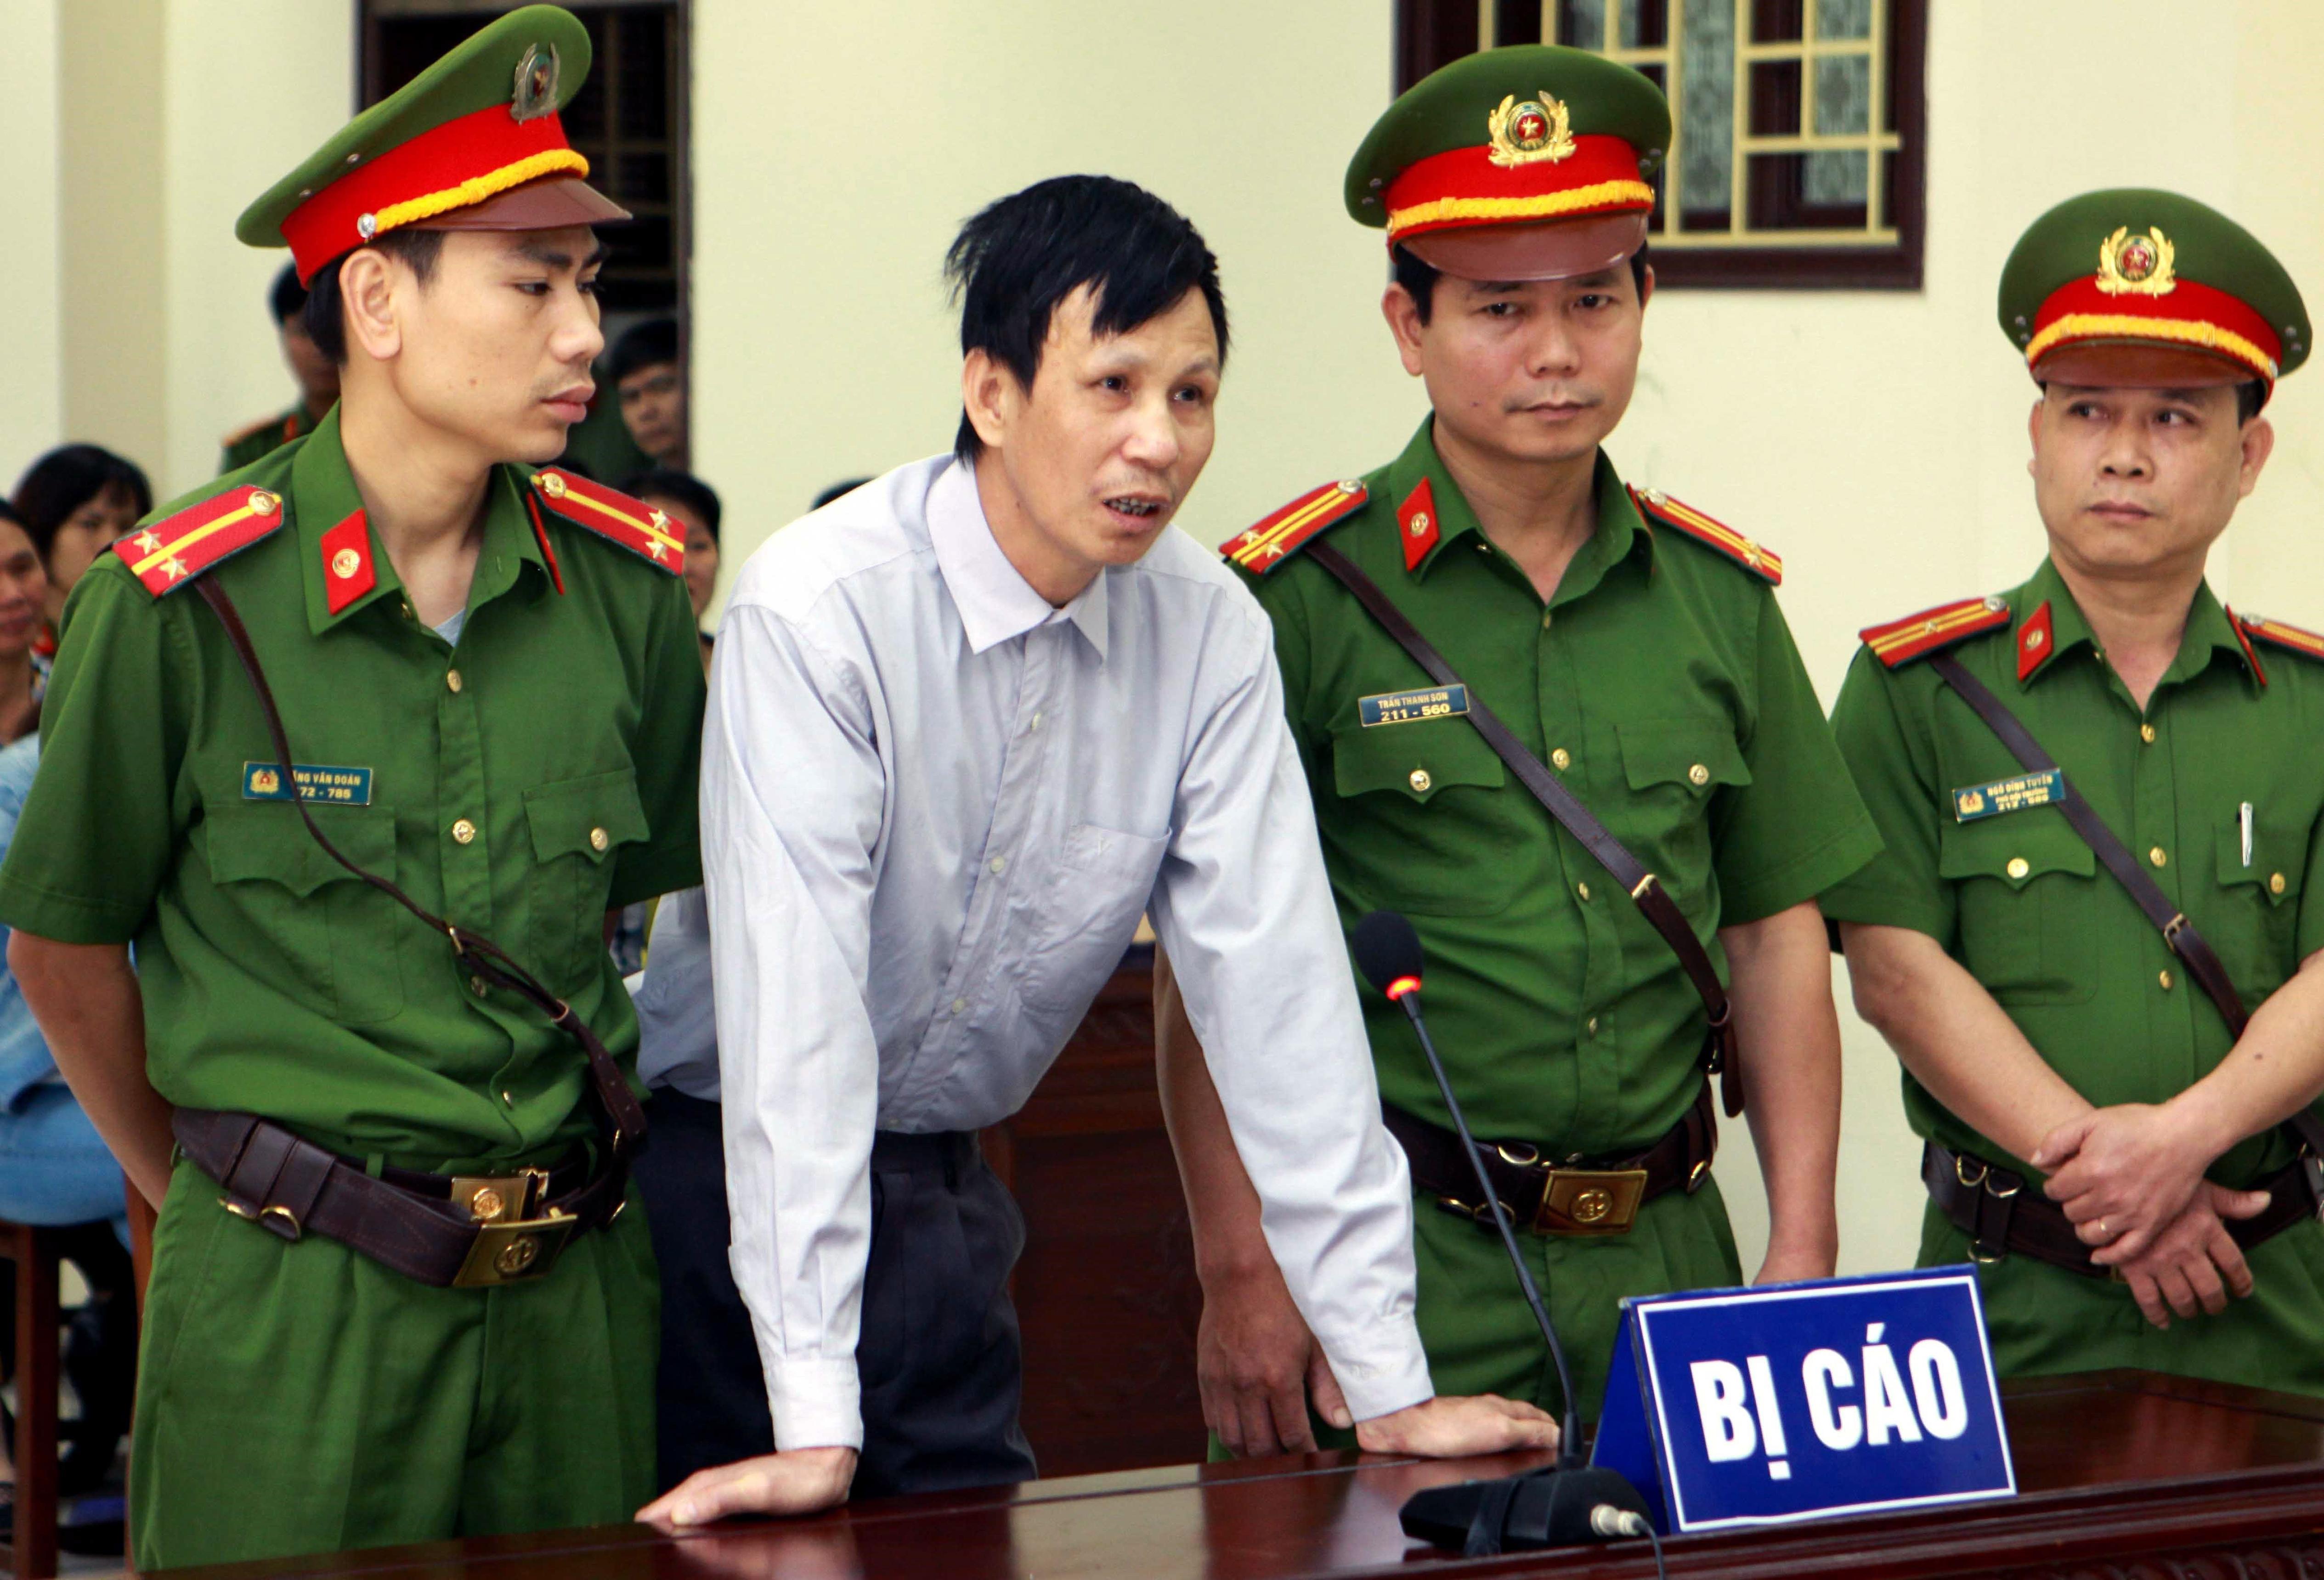 Sức khỏe tù nhân lương tâm Nguyễn Văn Túc suy sụp trong tù